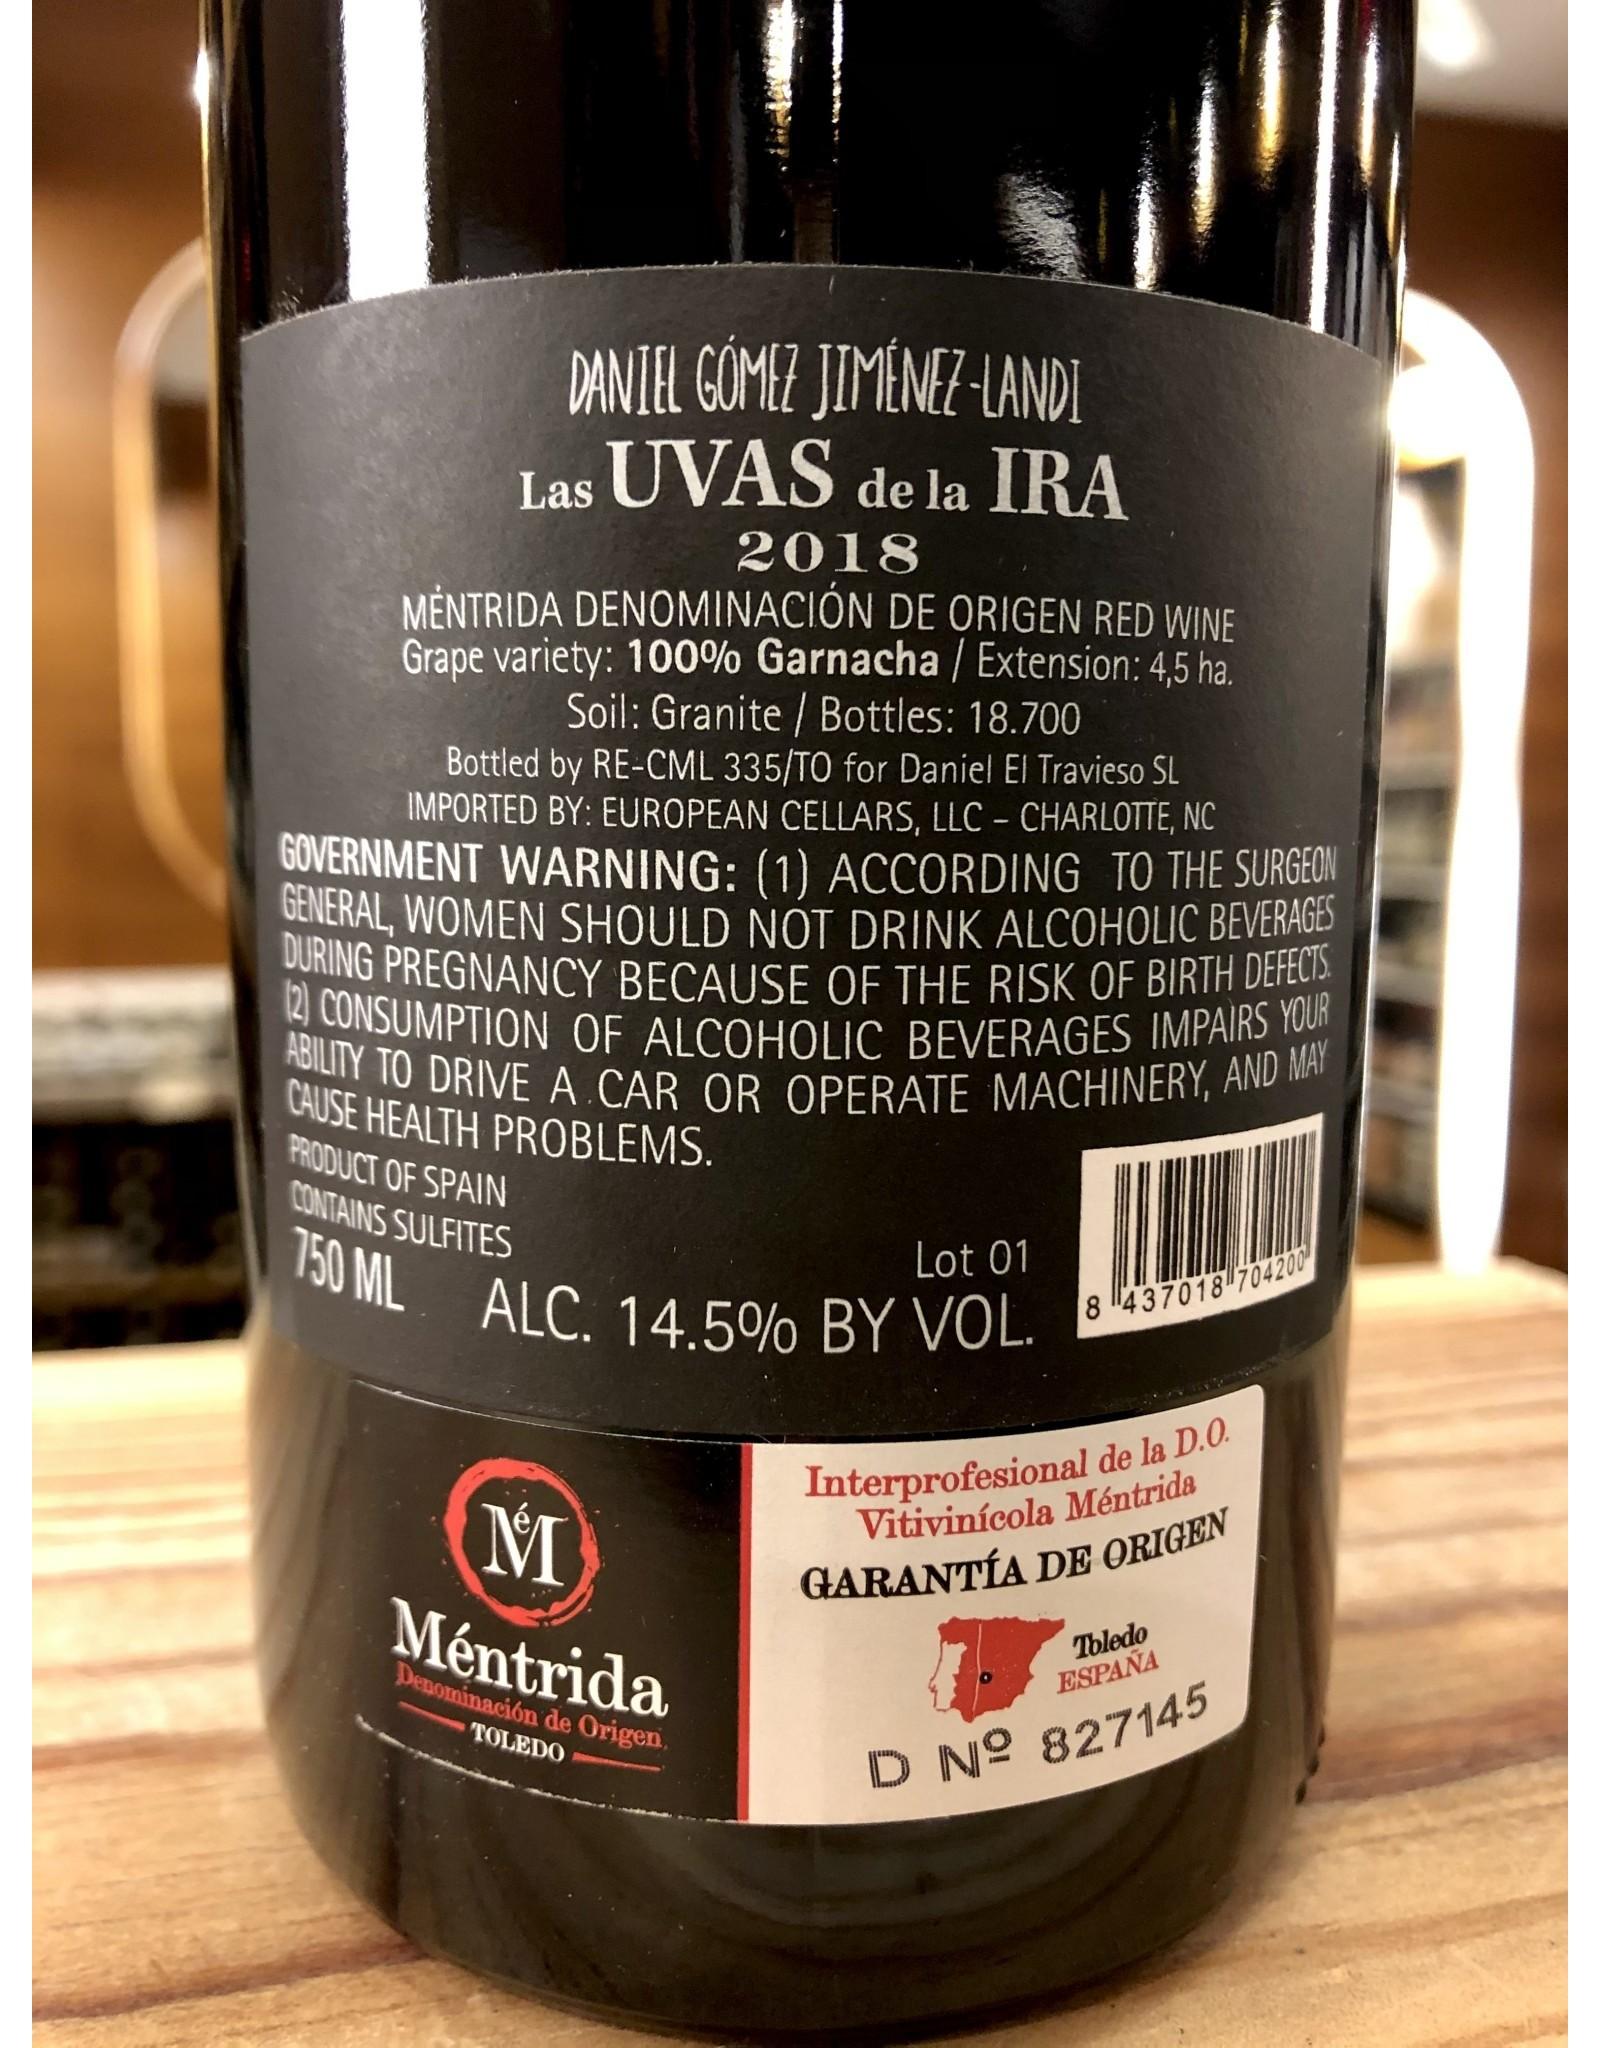 Jimenez Landi Las Uvas de la Ira Garnacha - 750 ML